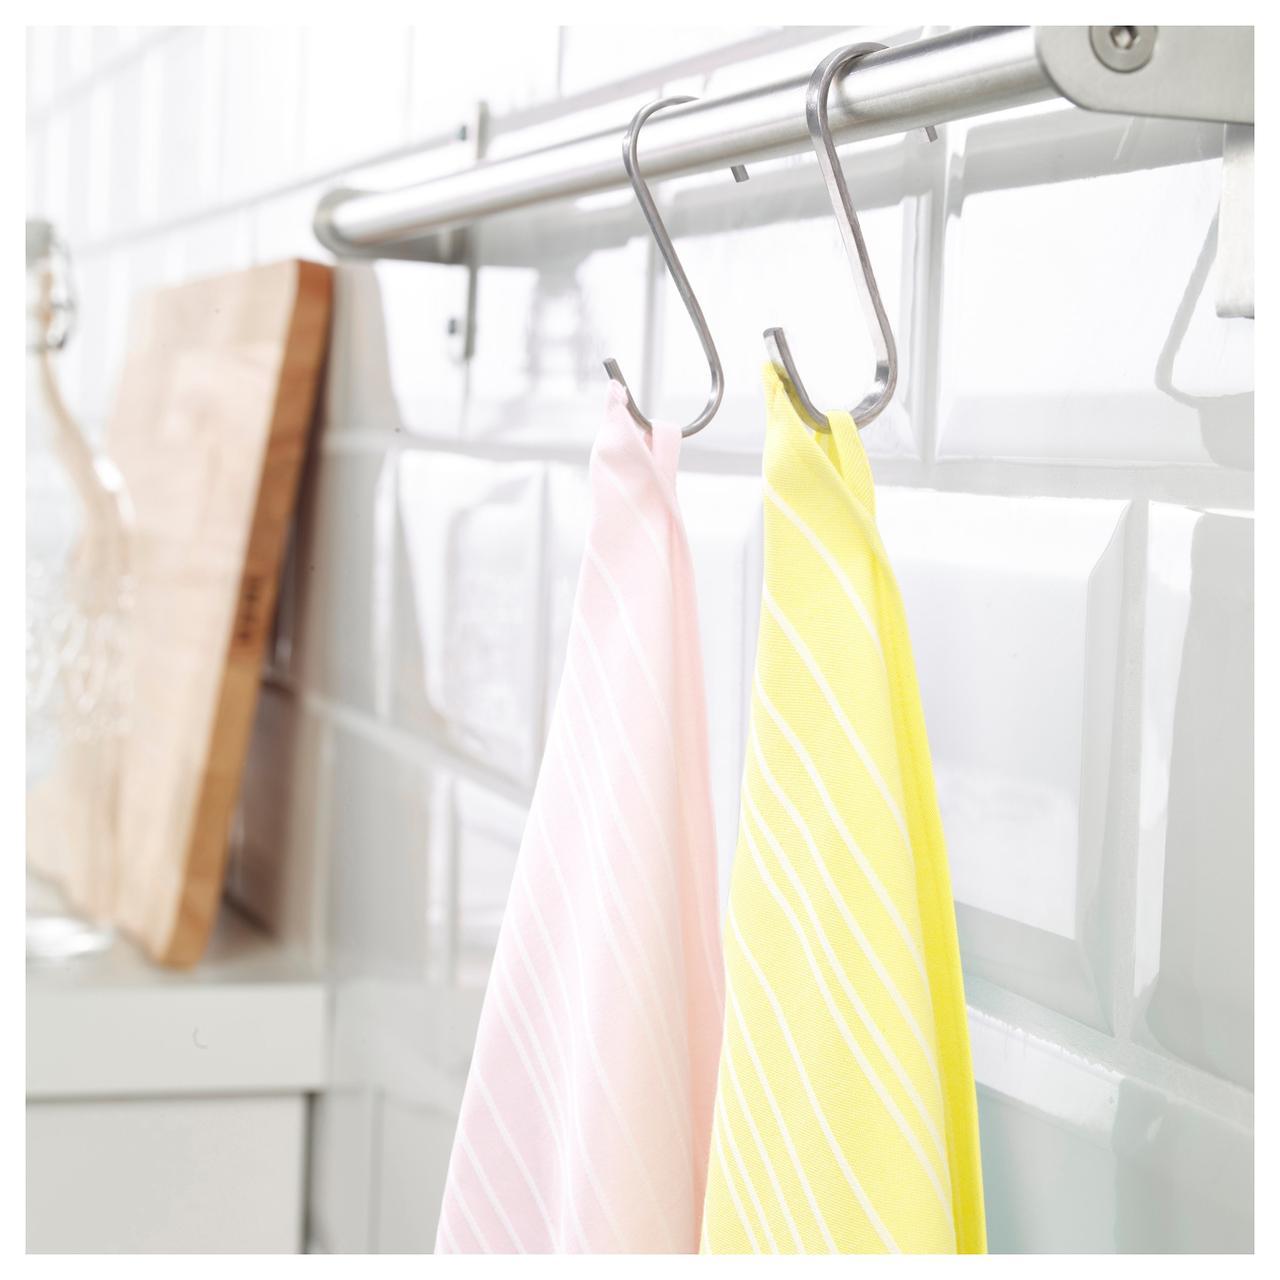 ТИМВИСАРЕ Полотенце кухонное, желтый, светло-розовый